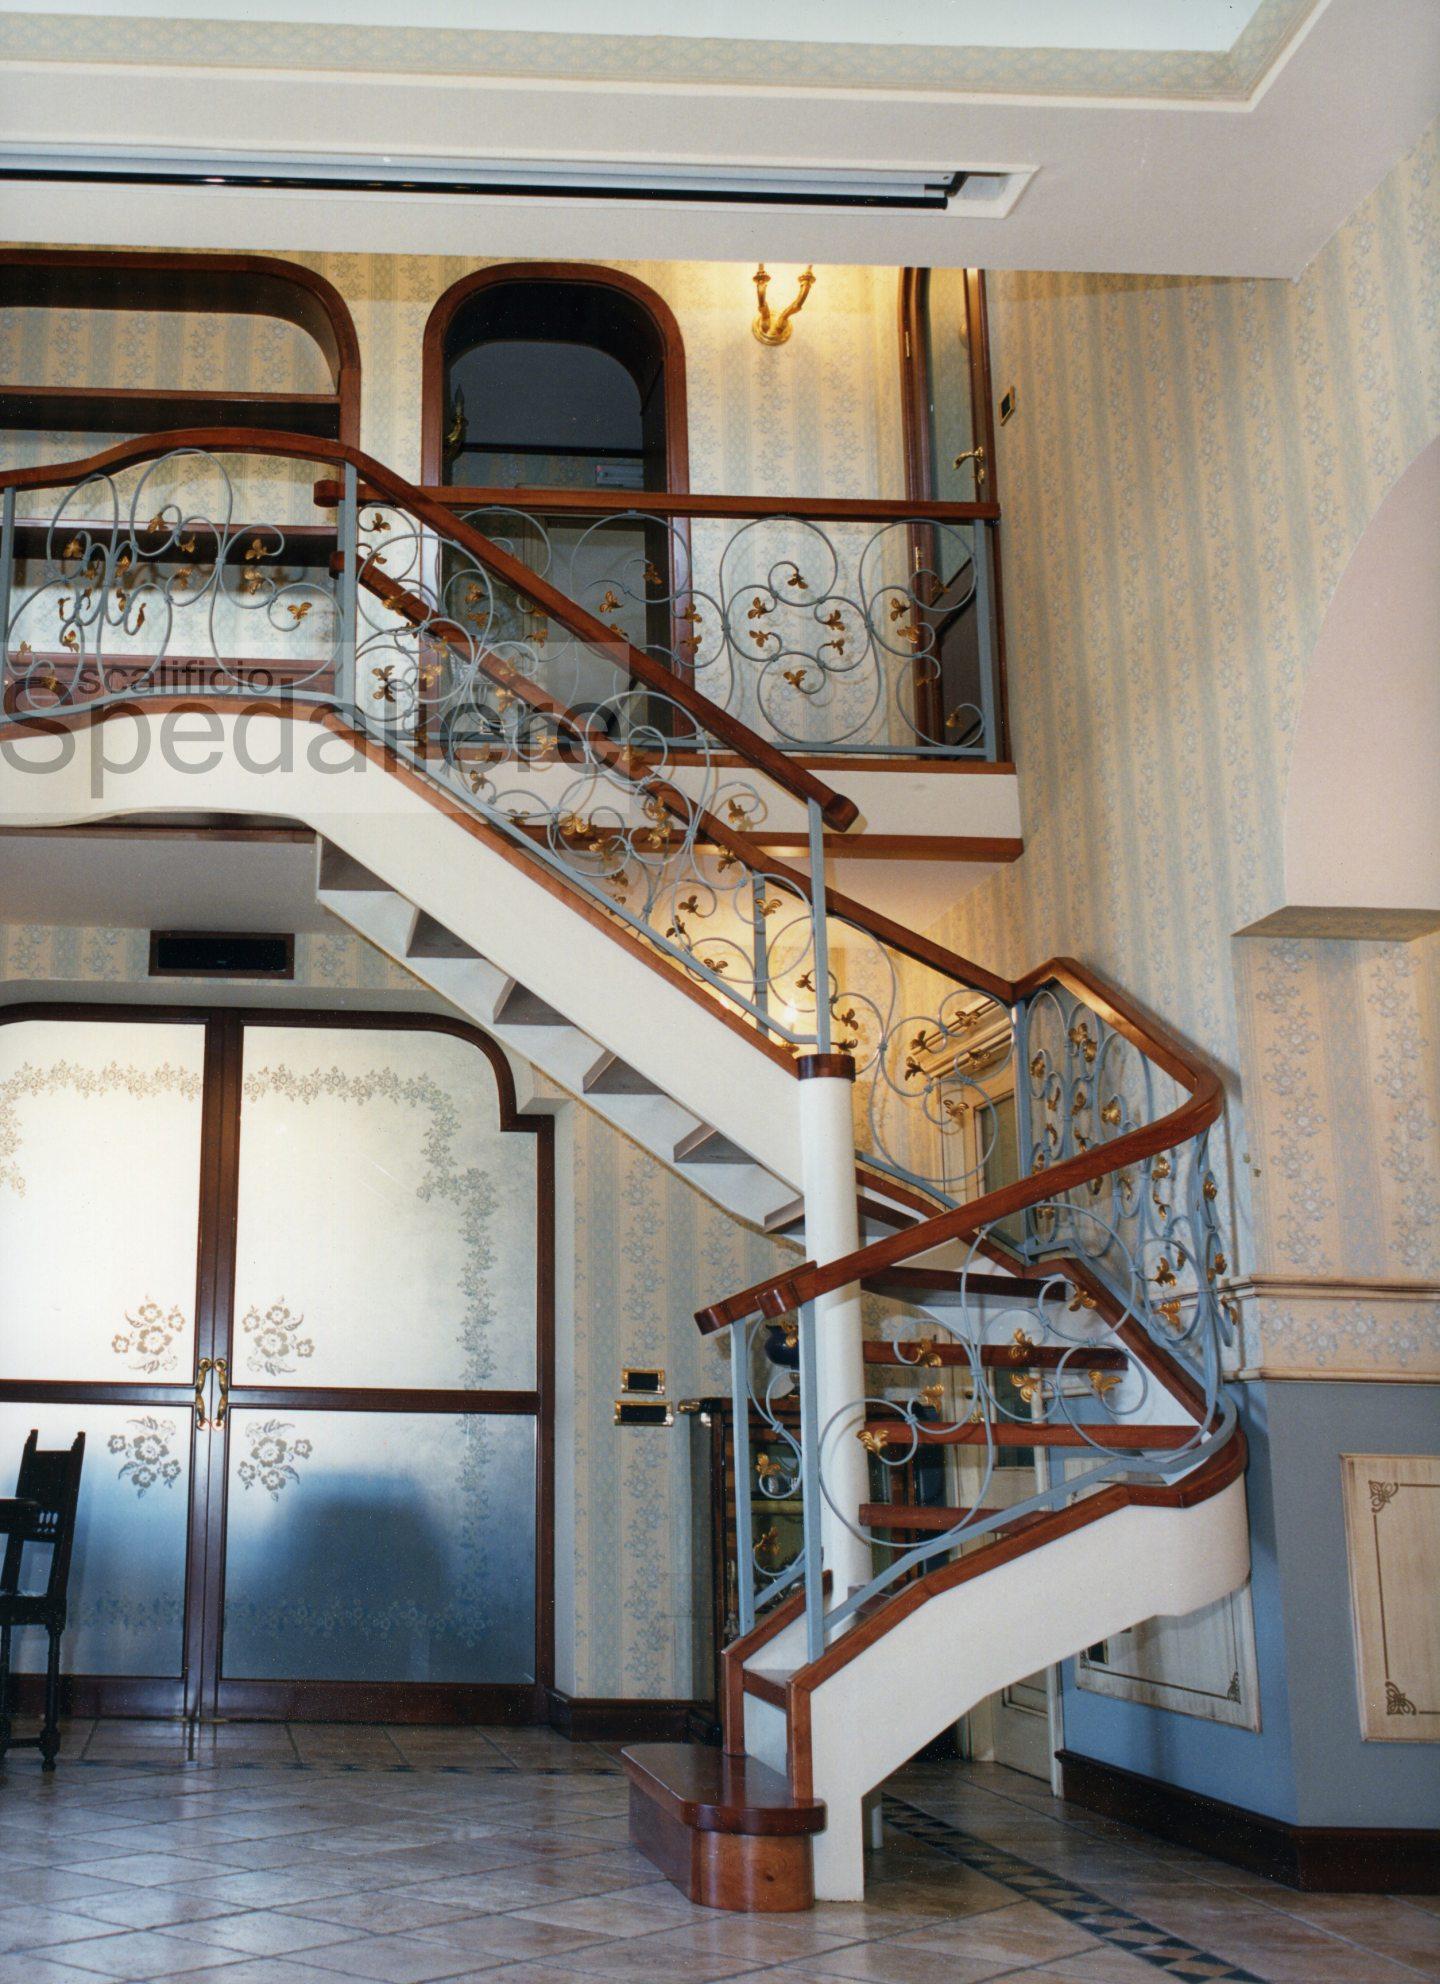 Rampa doppio cosciale metallico gradini in legno massello e ringhiera fogliata